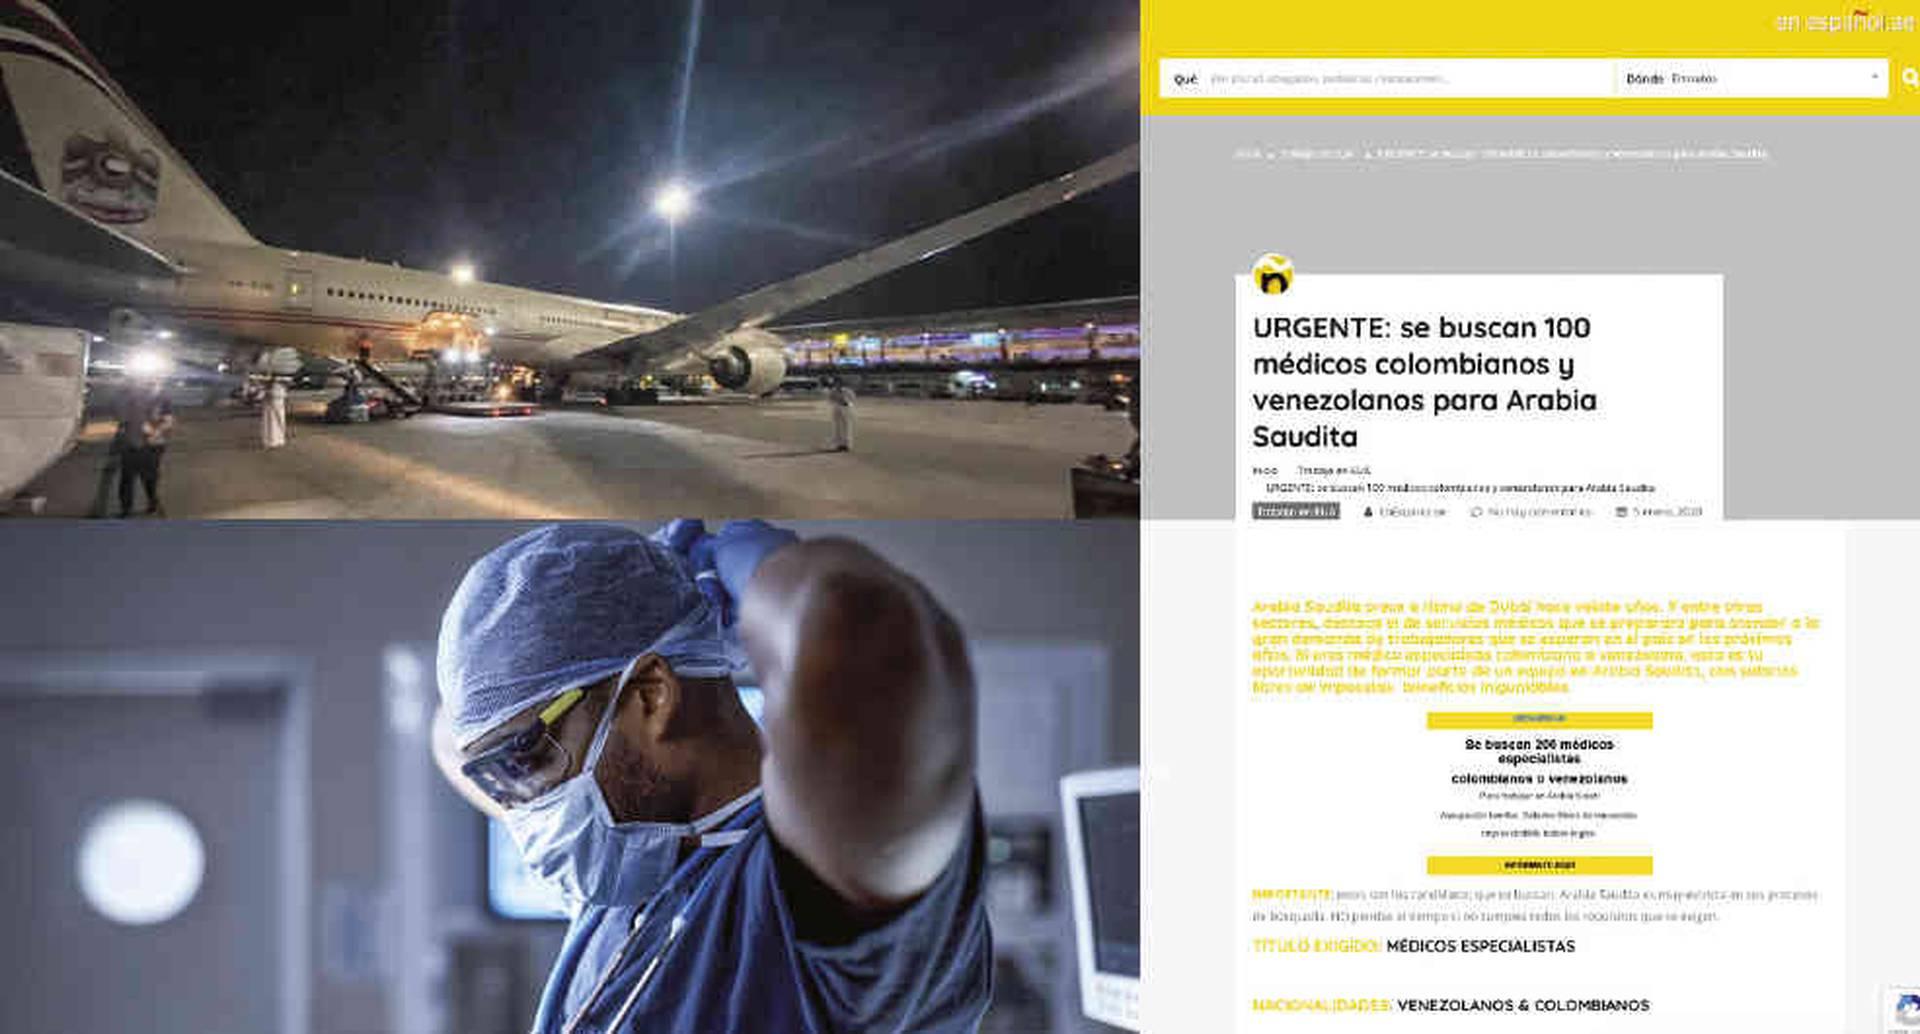 En este avión iban a viajar los 100 colombianos, pero el Gobierno no los autorizó por un trámite administrativo. En enero, en España hubo otra convocatoria para contratar 120 médicos.